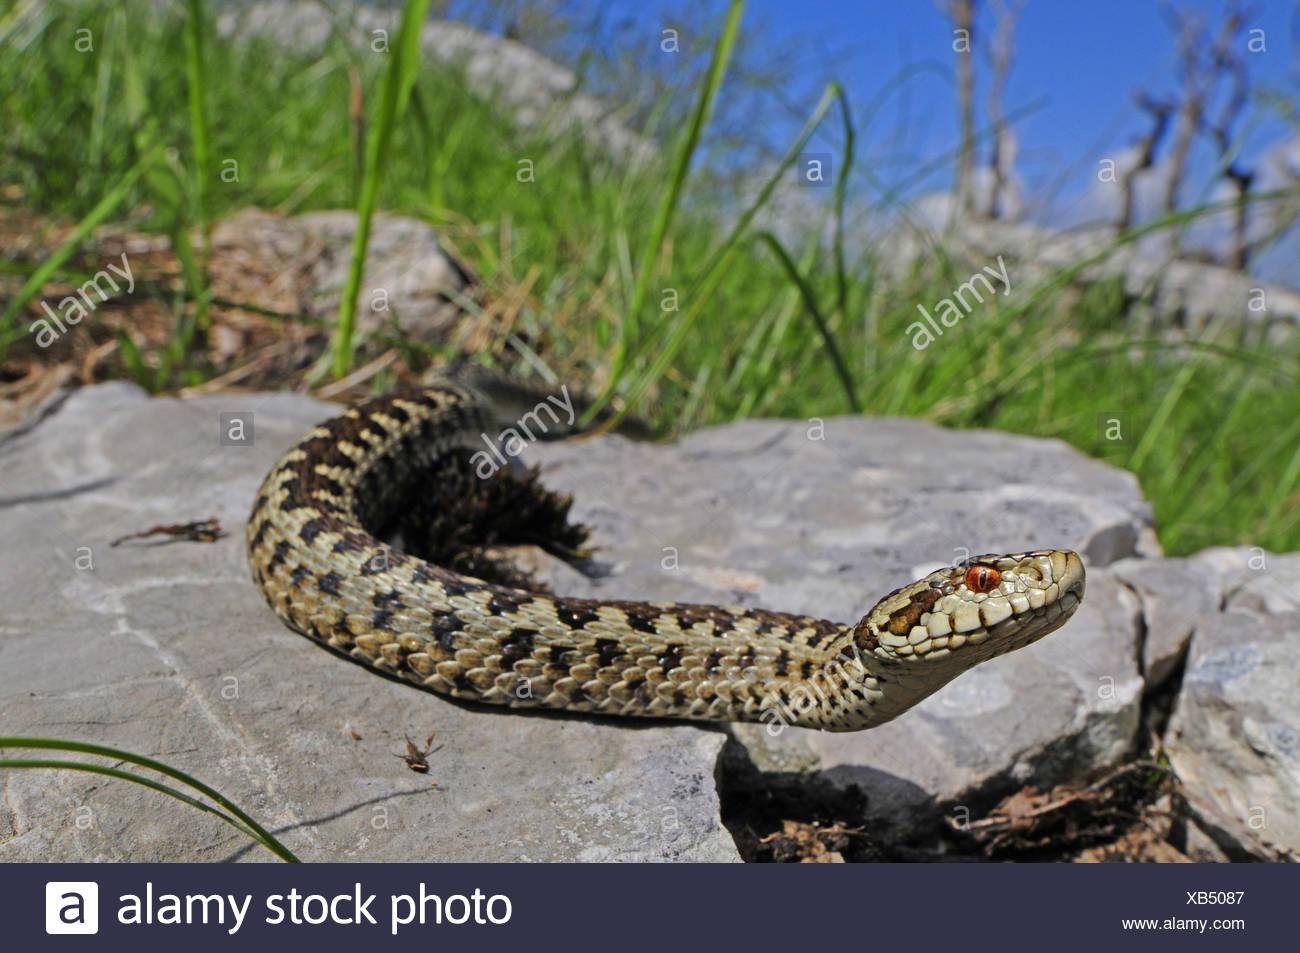 meadow viper, Orsini's viper (Vipera ursinii, Vipera ursinii